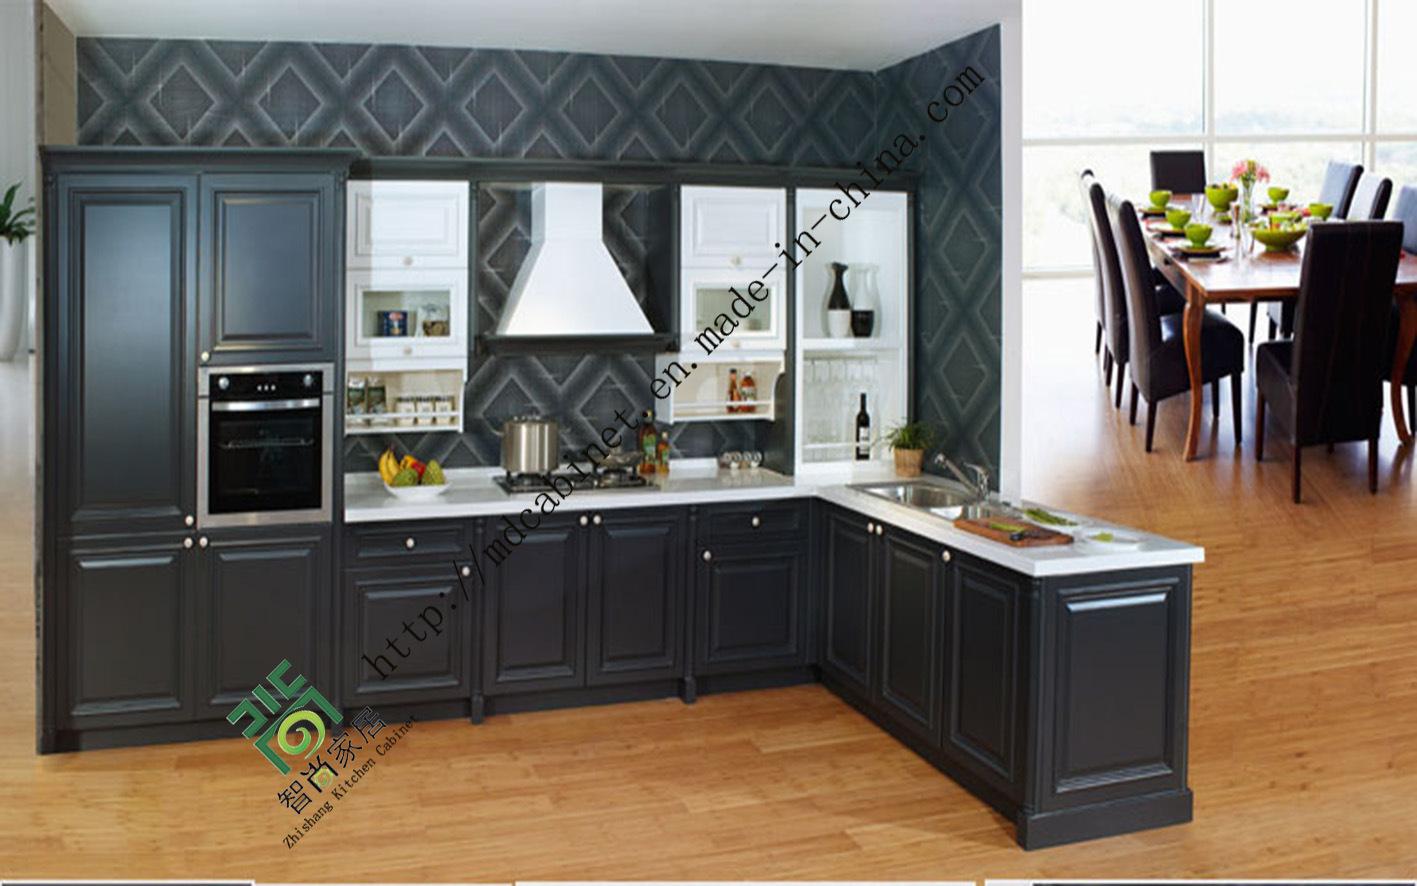 Armarios de cocina de PVC blanco (zs-383) – Armarios de cocina de ...